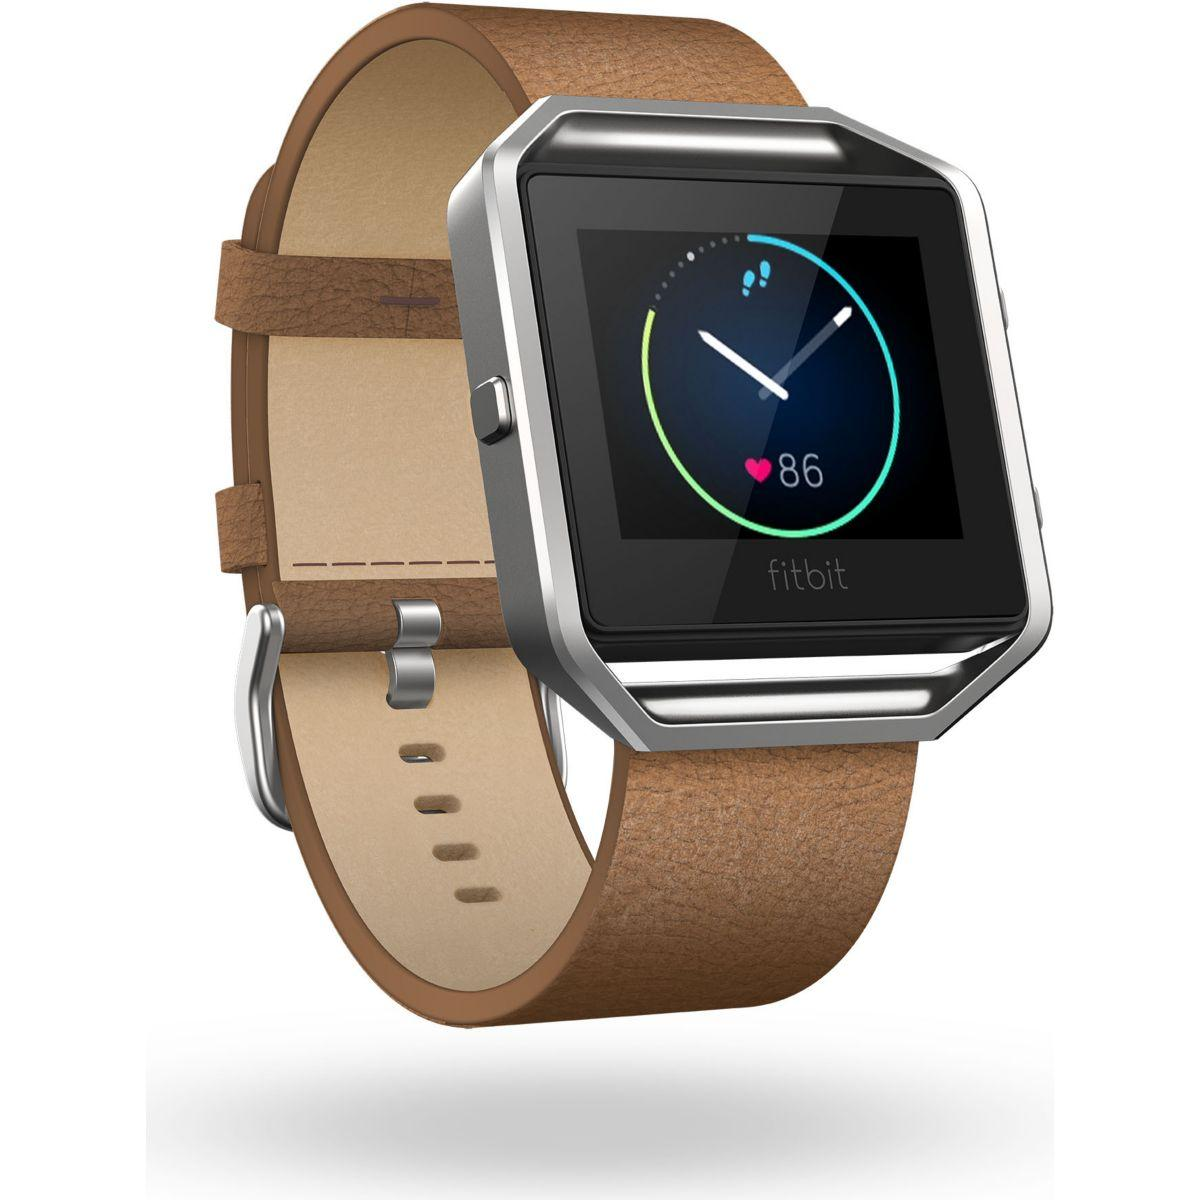 Accessoire fitbit bracelet cuir blaze camel l - 15% de remise immédiate avec le code : top15 (photo)